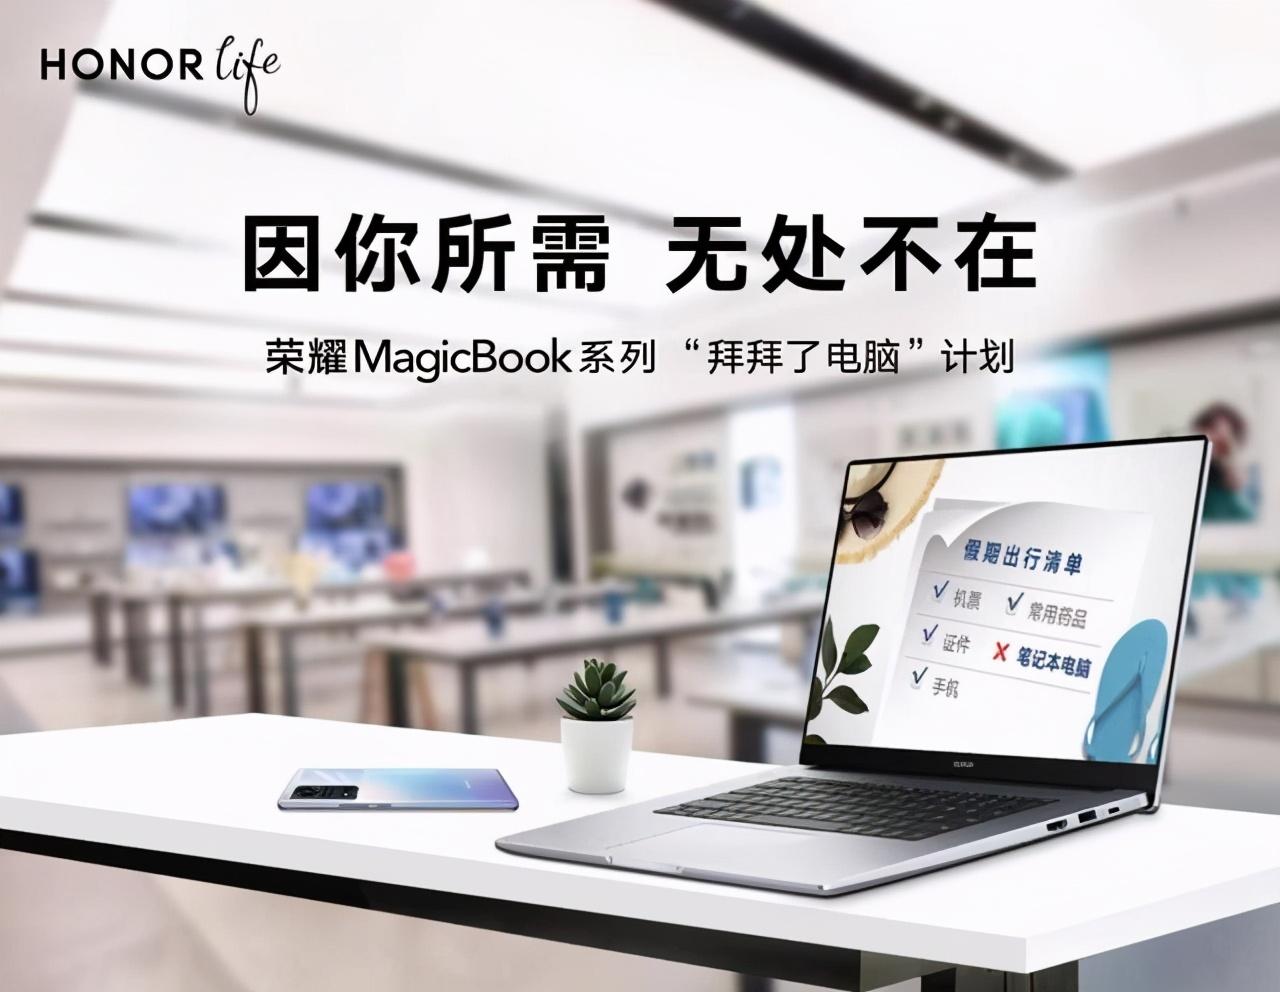 和电脑说拜拜 荣耀千家门店打造MagicBook共享办公区